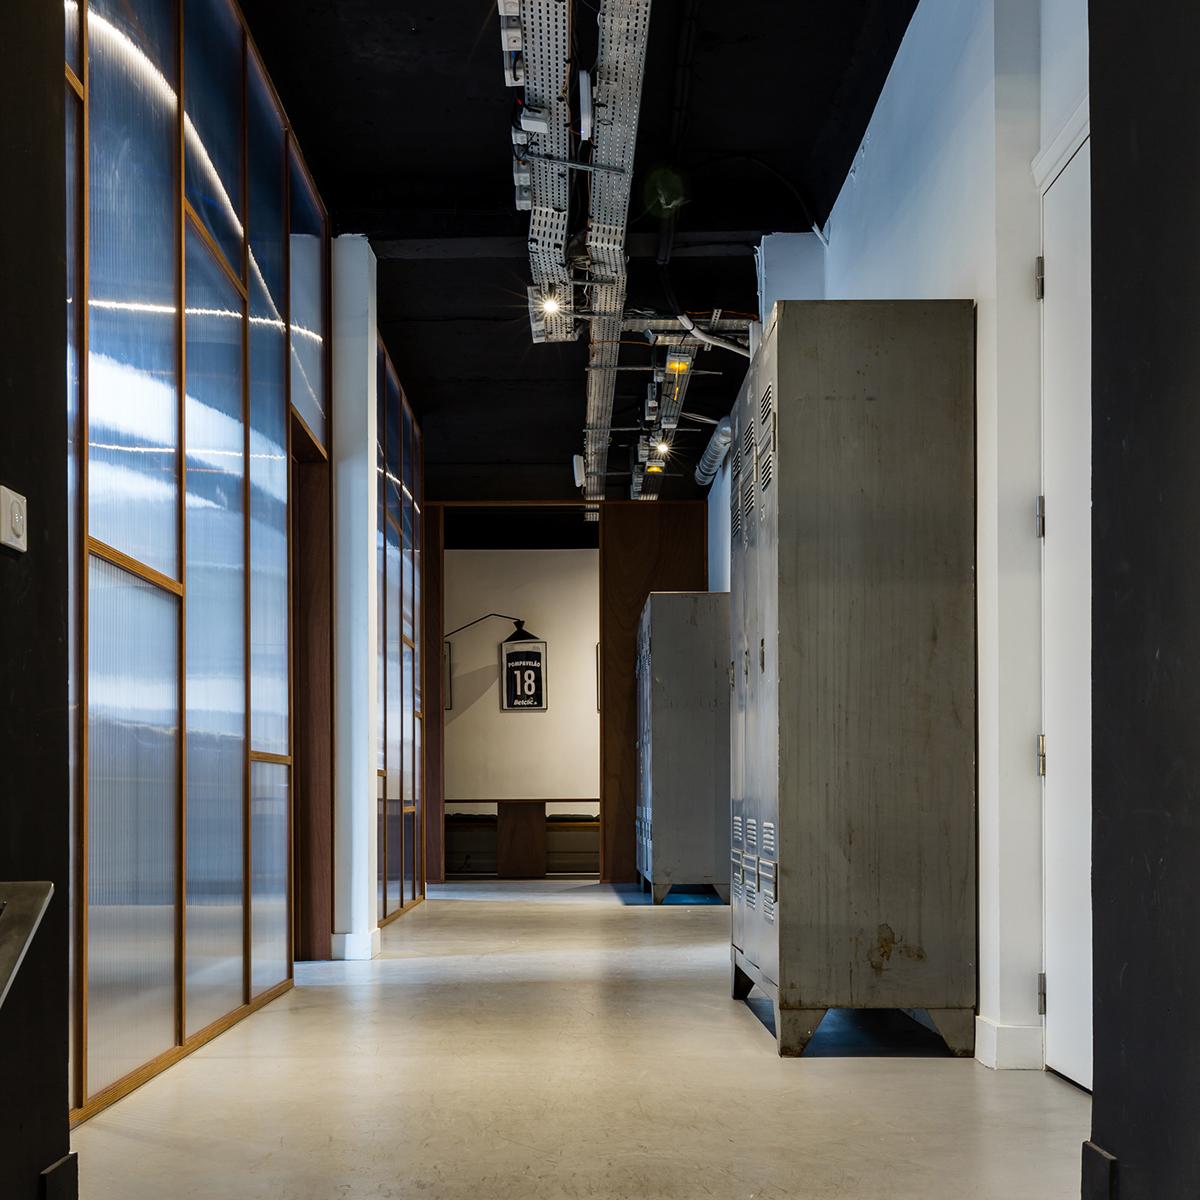 romance-agence-publicite-paris-ddb-omnicom-architecture-decoration-vintage-retro-1